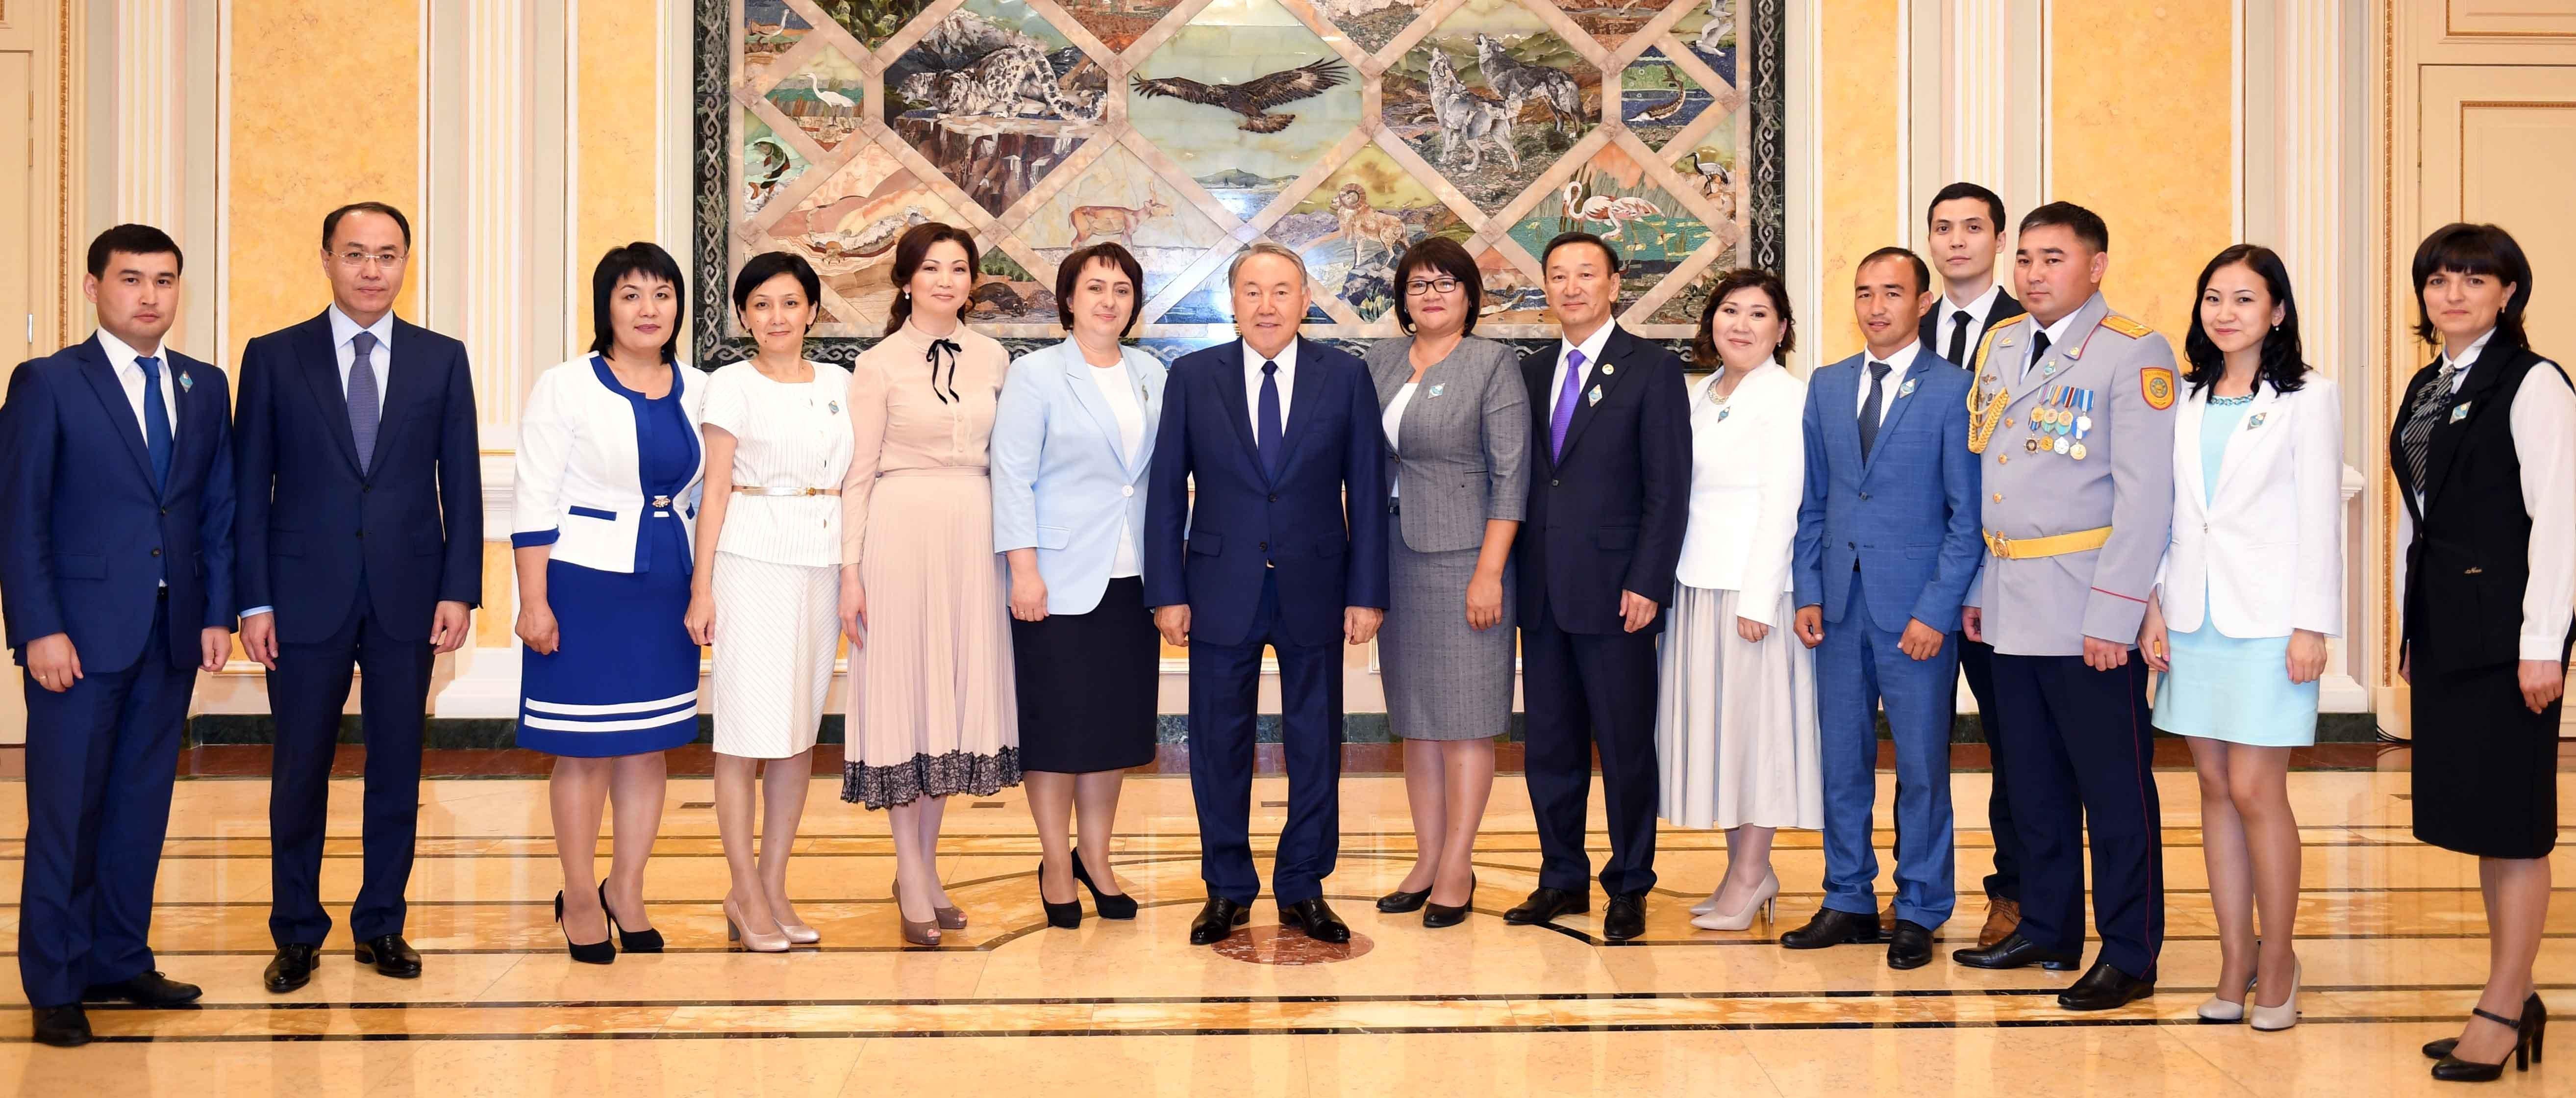 Назарбаев встретился с лучшими госслужащими страны